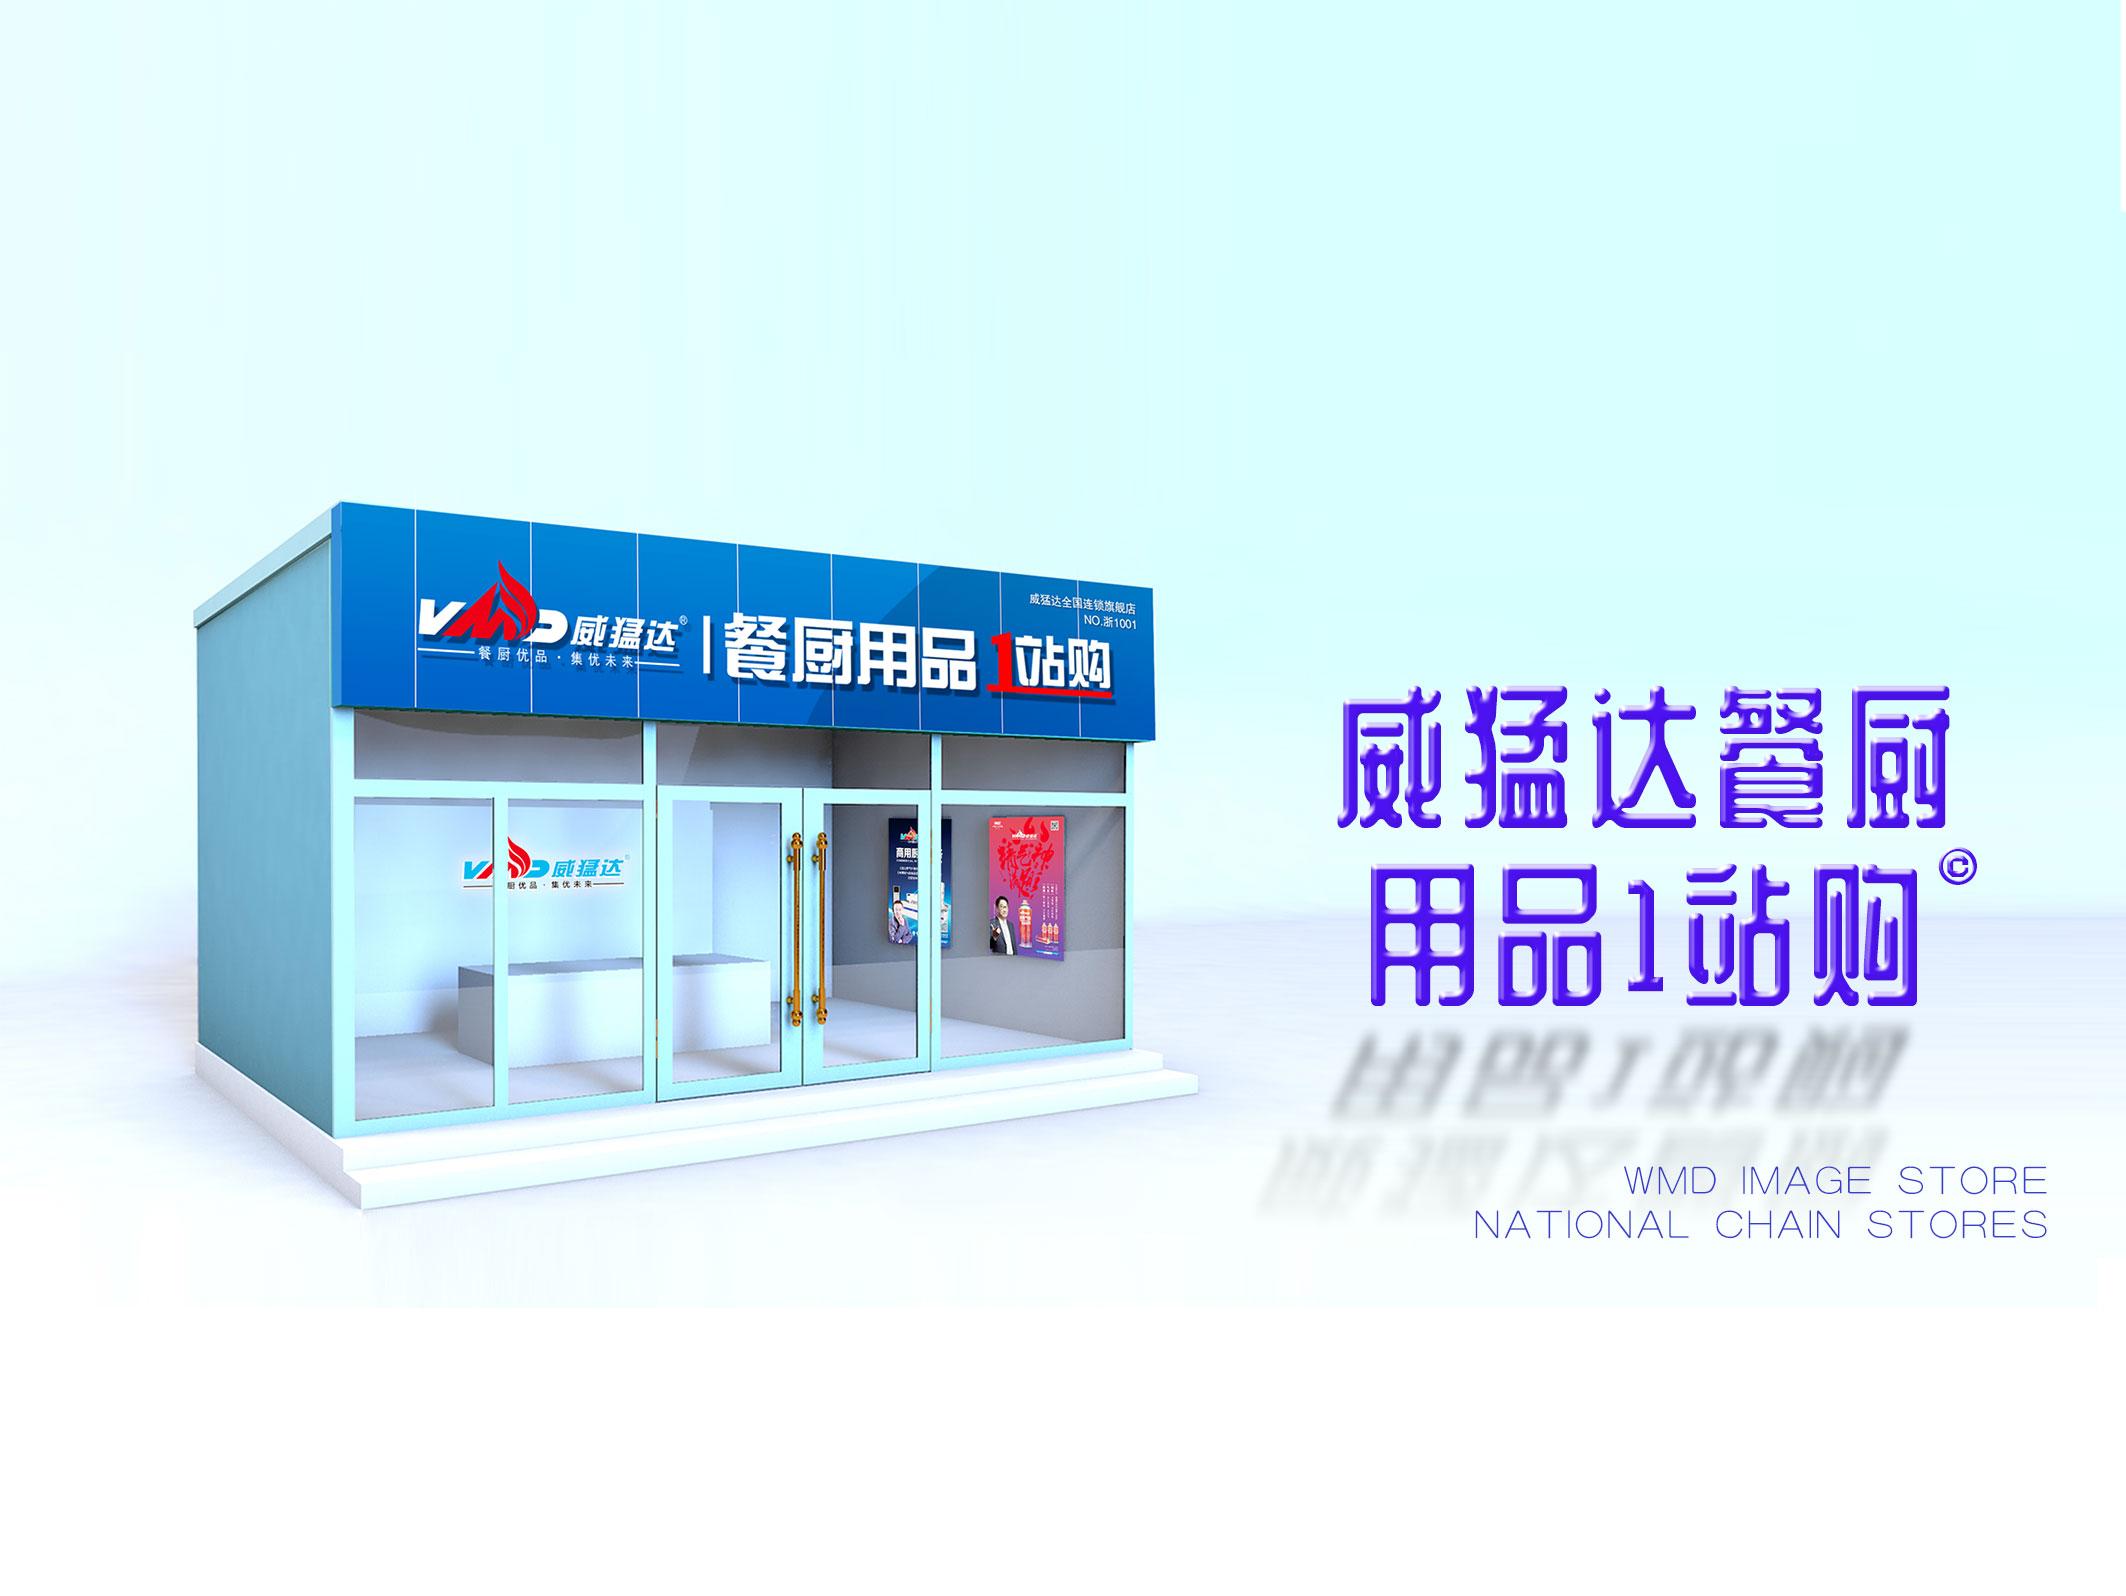 首批50家「威猛达餐厨用品1站购」形象店落地浙江、宁夏两省